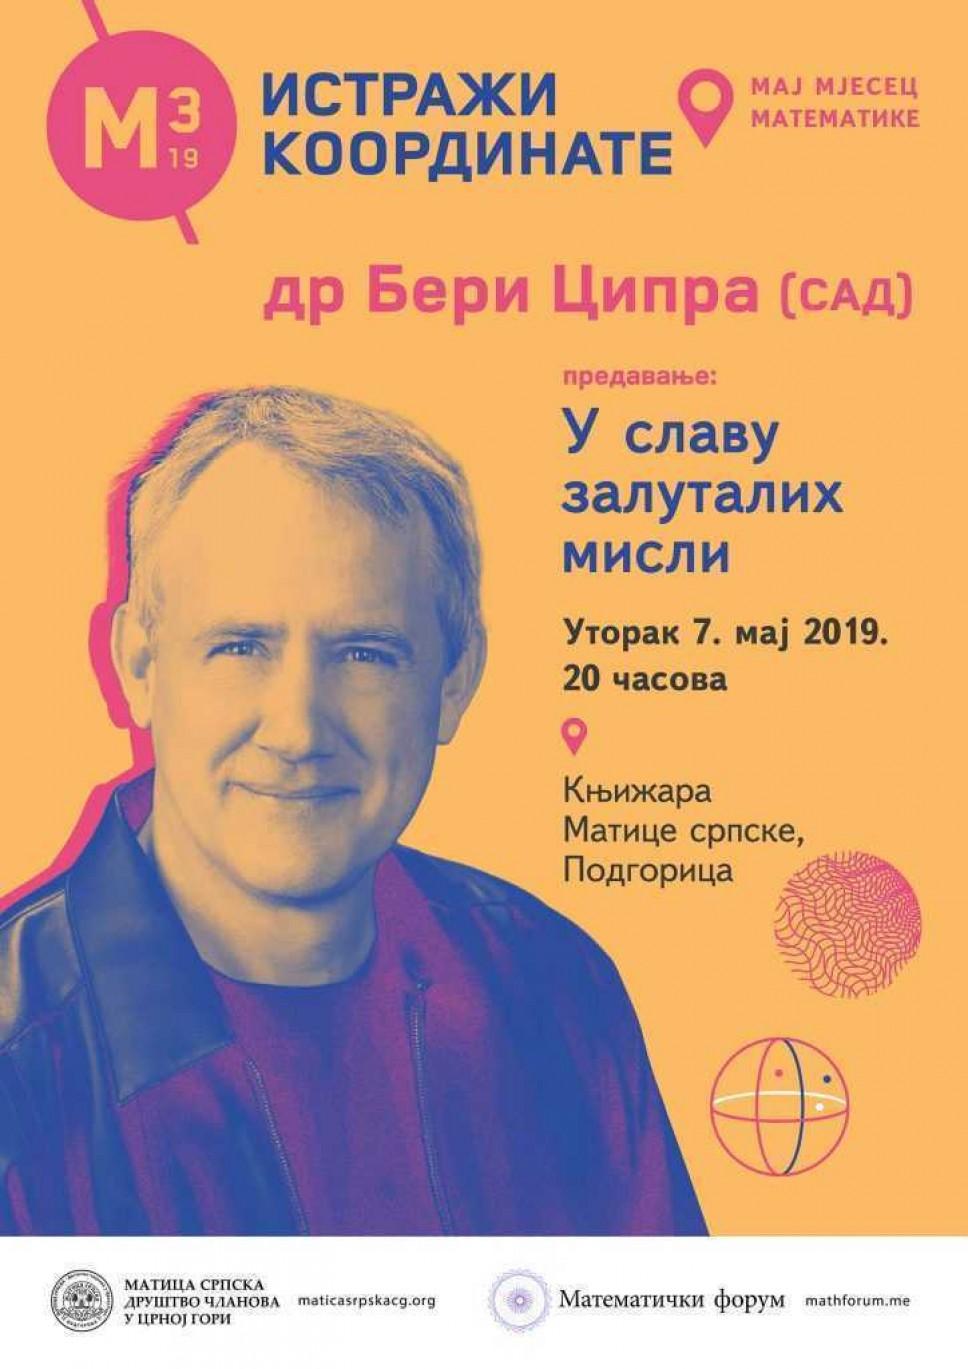 Predavanje dr Beri Cipra: U slavu zalutalih misli